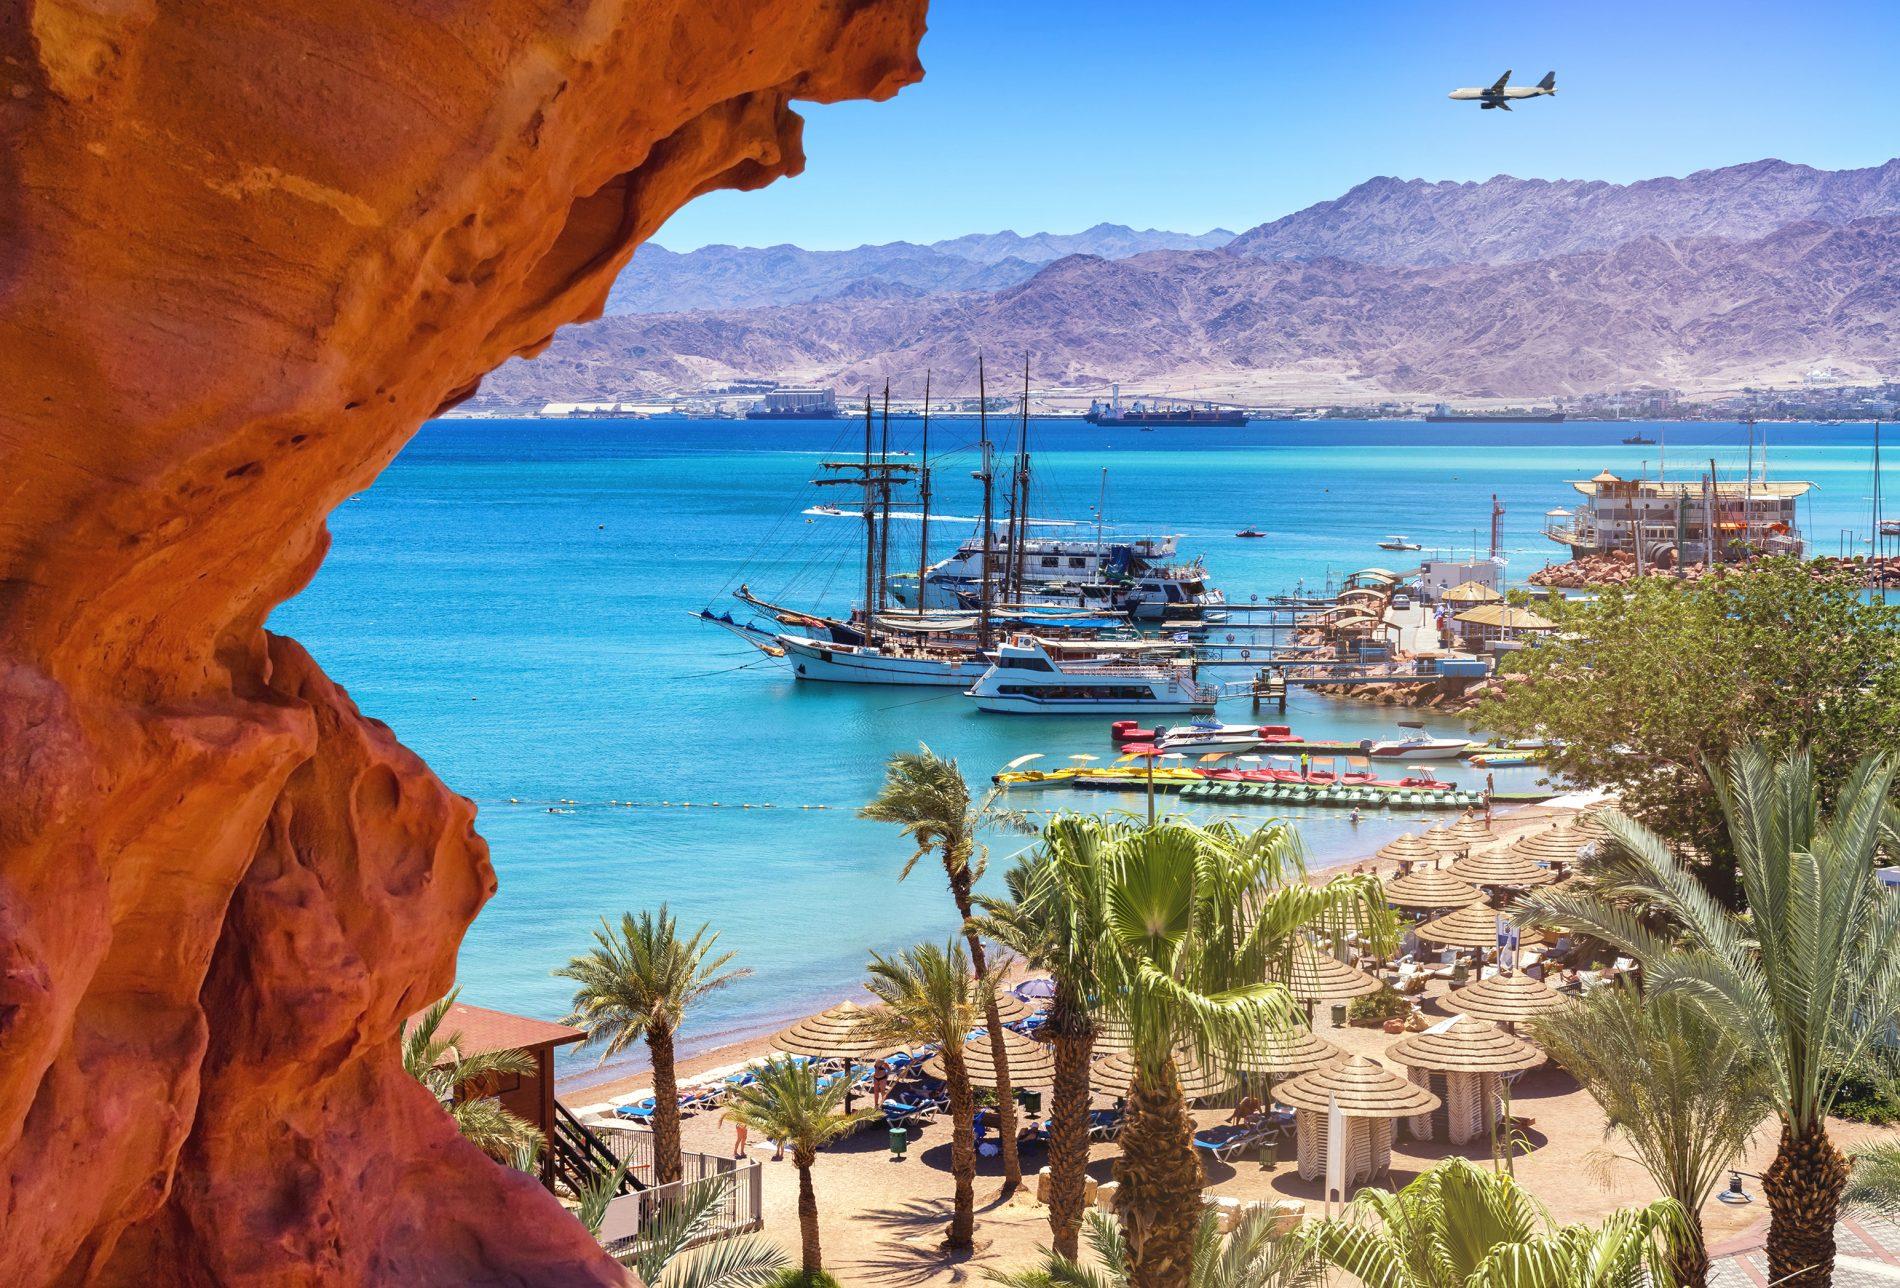 iordaniya akaba 4 1900x1288 - Топ-5 причин, чтобы побывать в Иордании